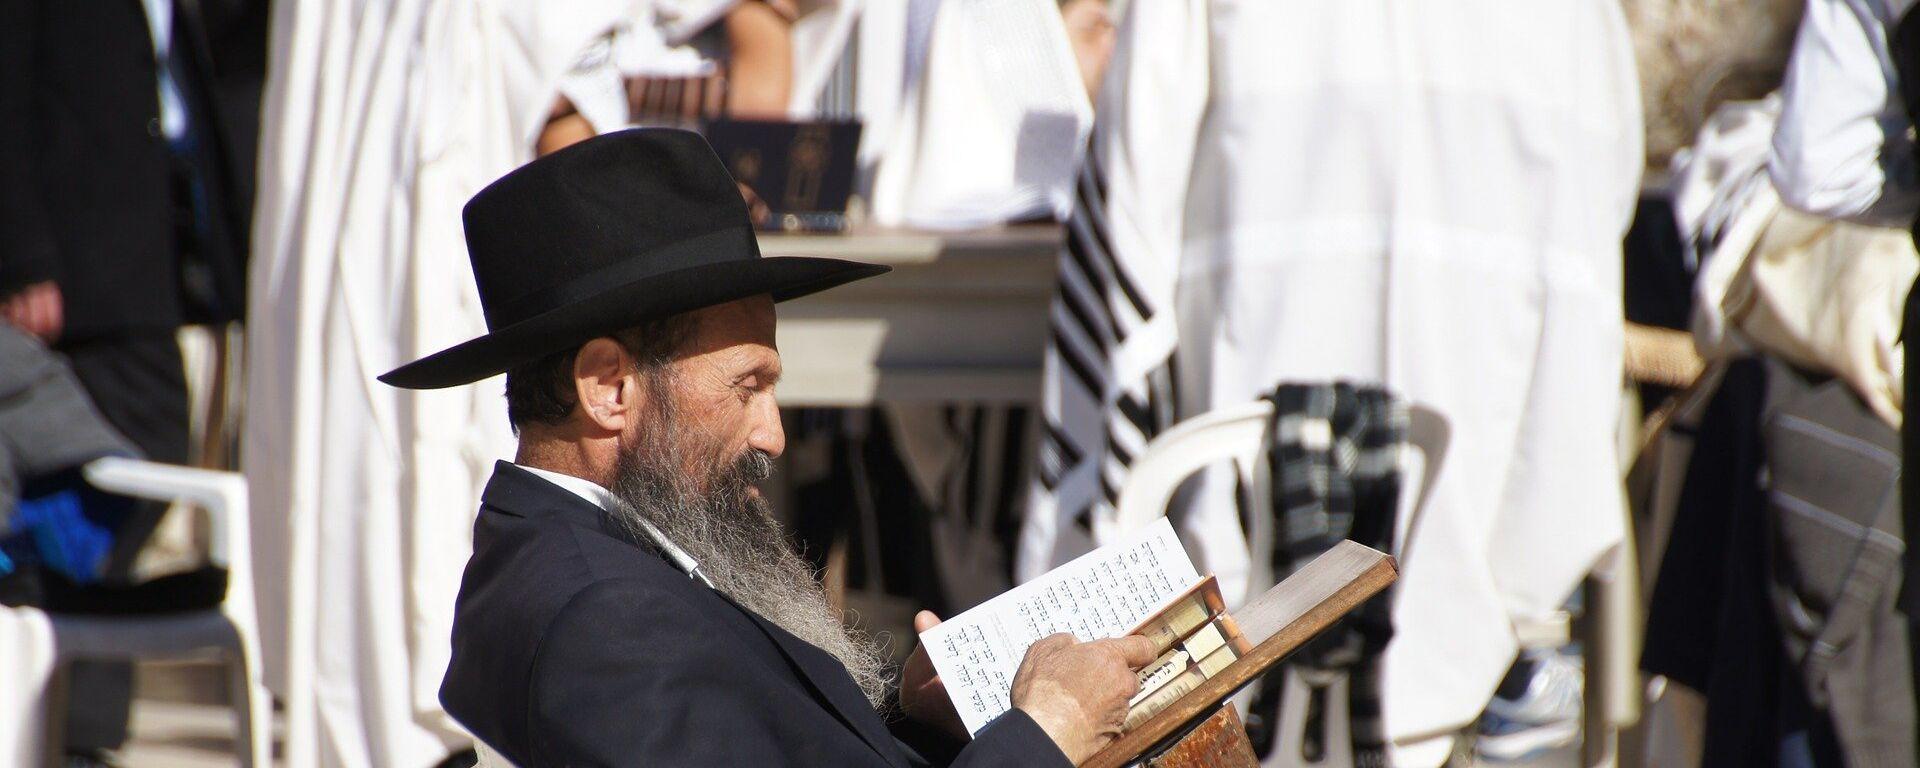 Żyd czytający książkę - Sputnik Polska, 1920, 04.07.2021